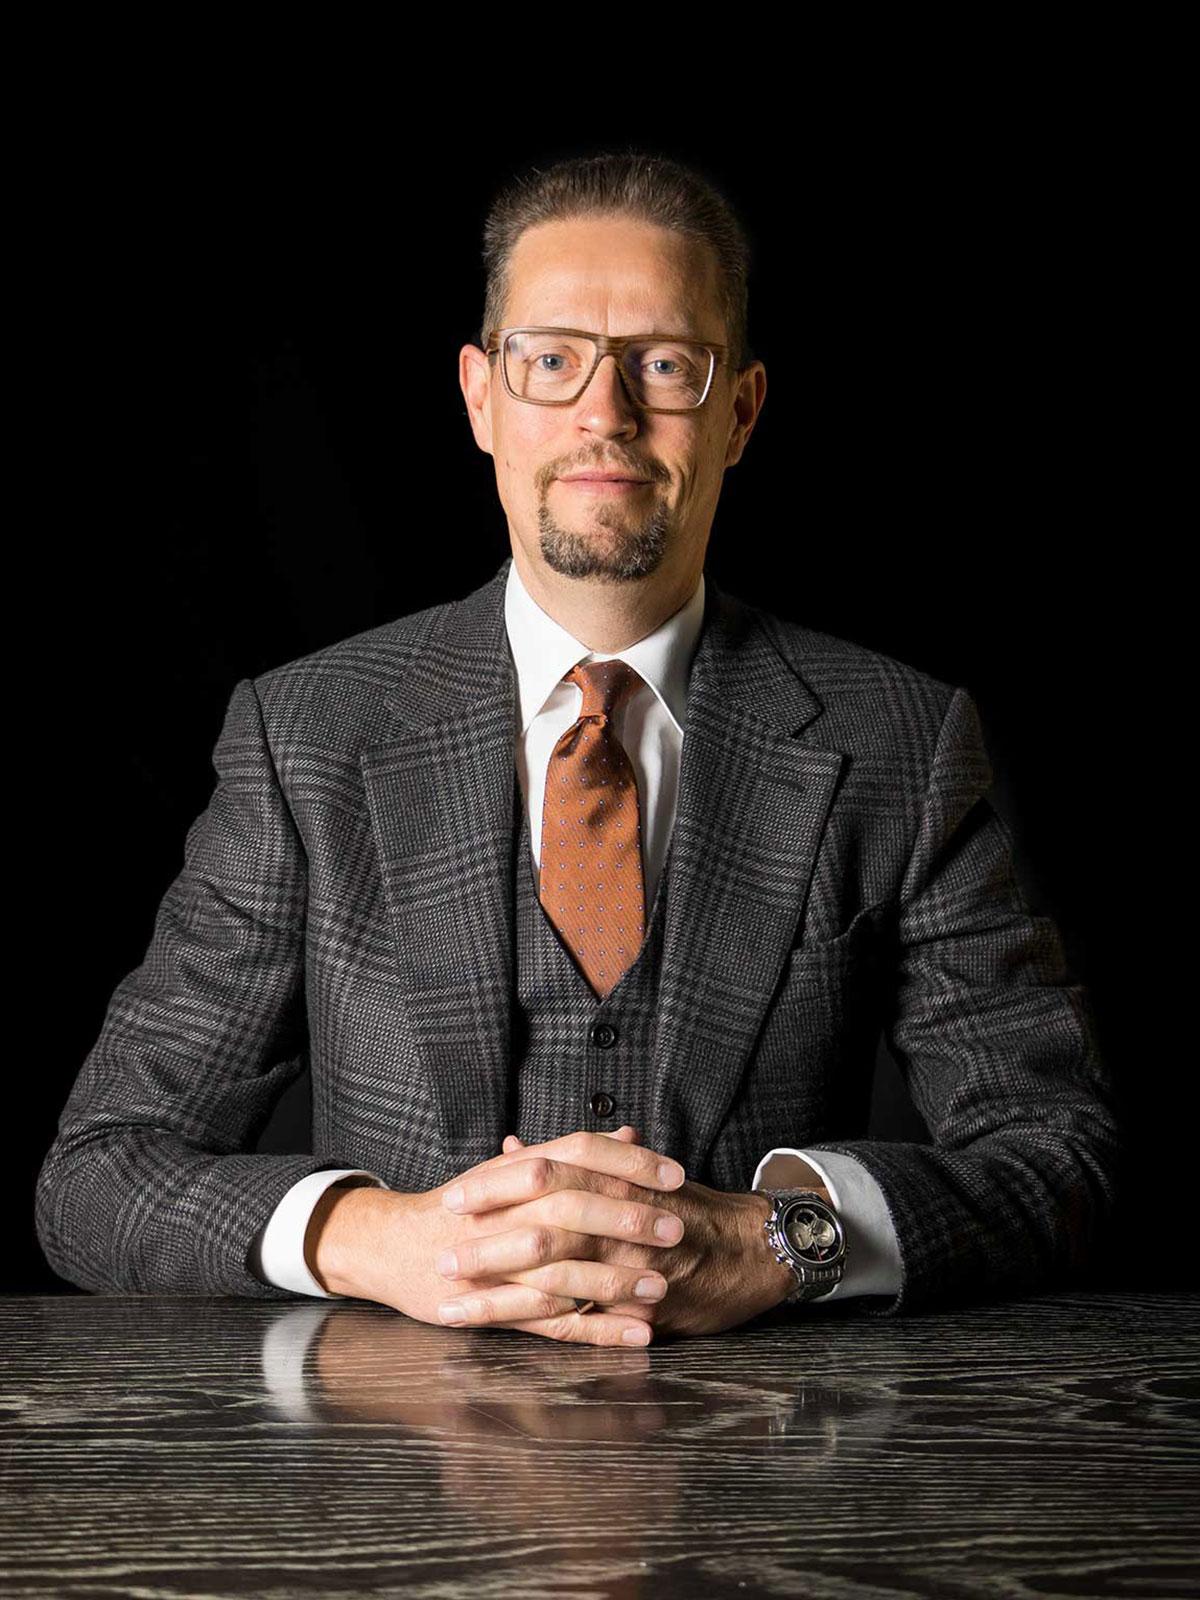 Kai Hebel, avd goldach ag, inhaber, geschäftsführer